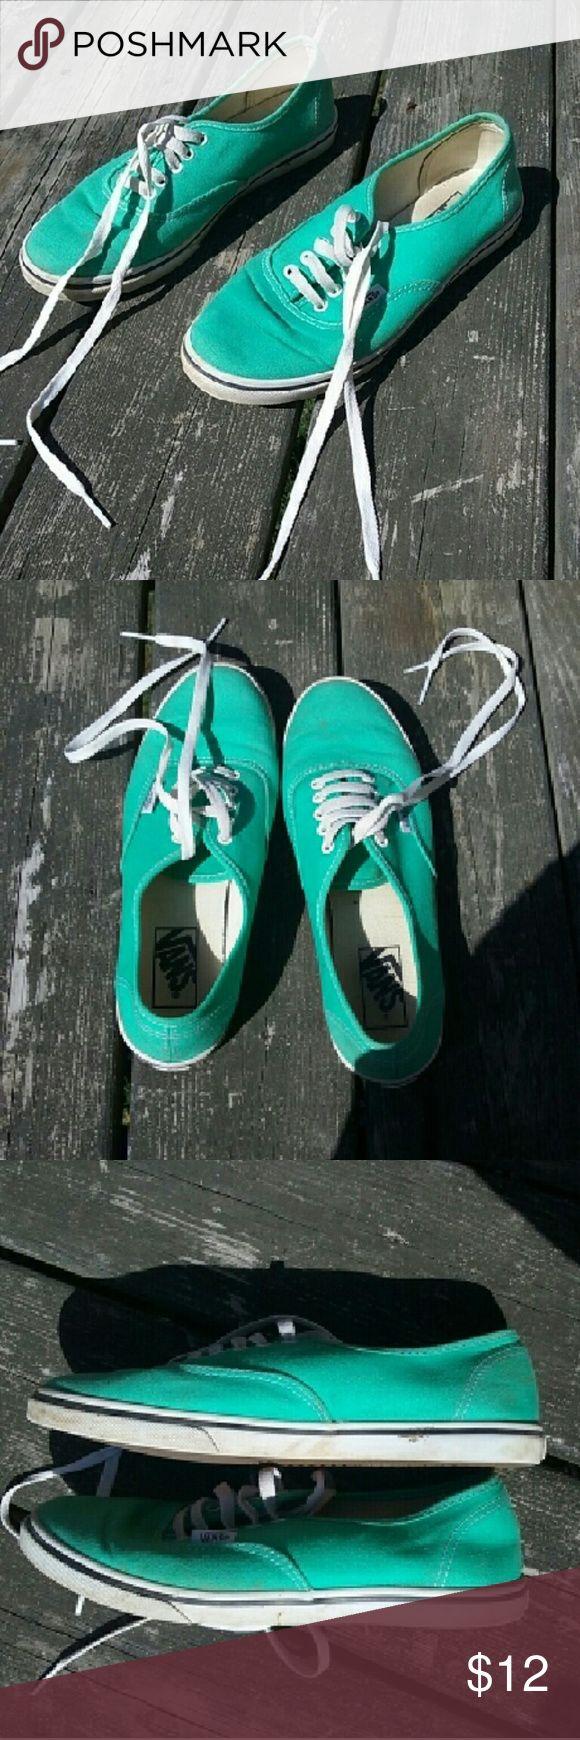 Mint green Vans Mint green vans in good condition size 7.5 Vans Shoes Sneakers